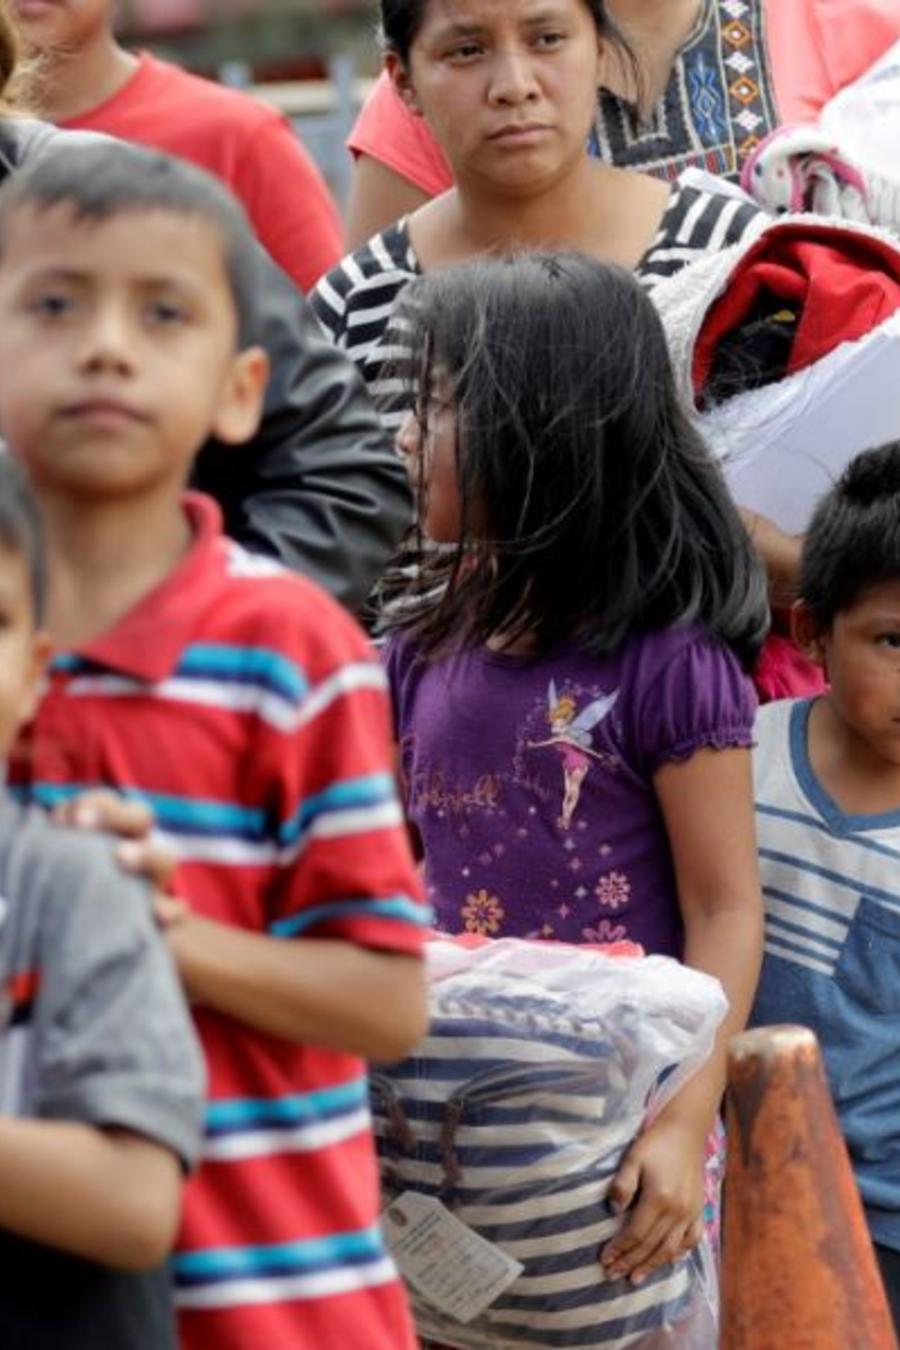 Familias inmigrantes el pasado domingo tras ser procesadas por la Oficina de Aduanas y Protección Fronteriza  en McAllen, Texas.